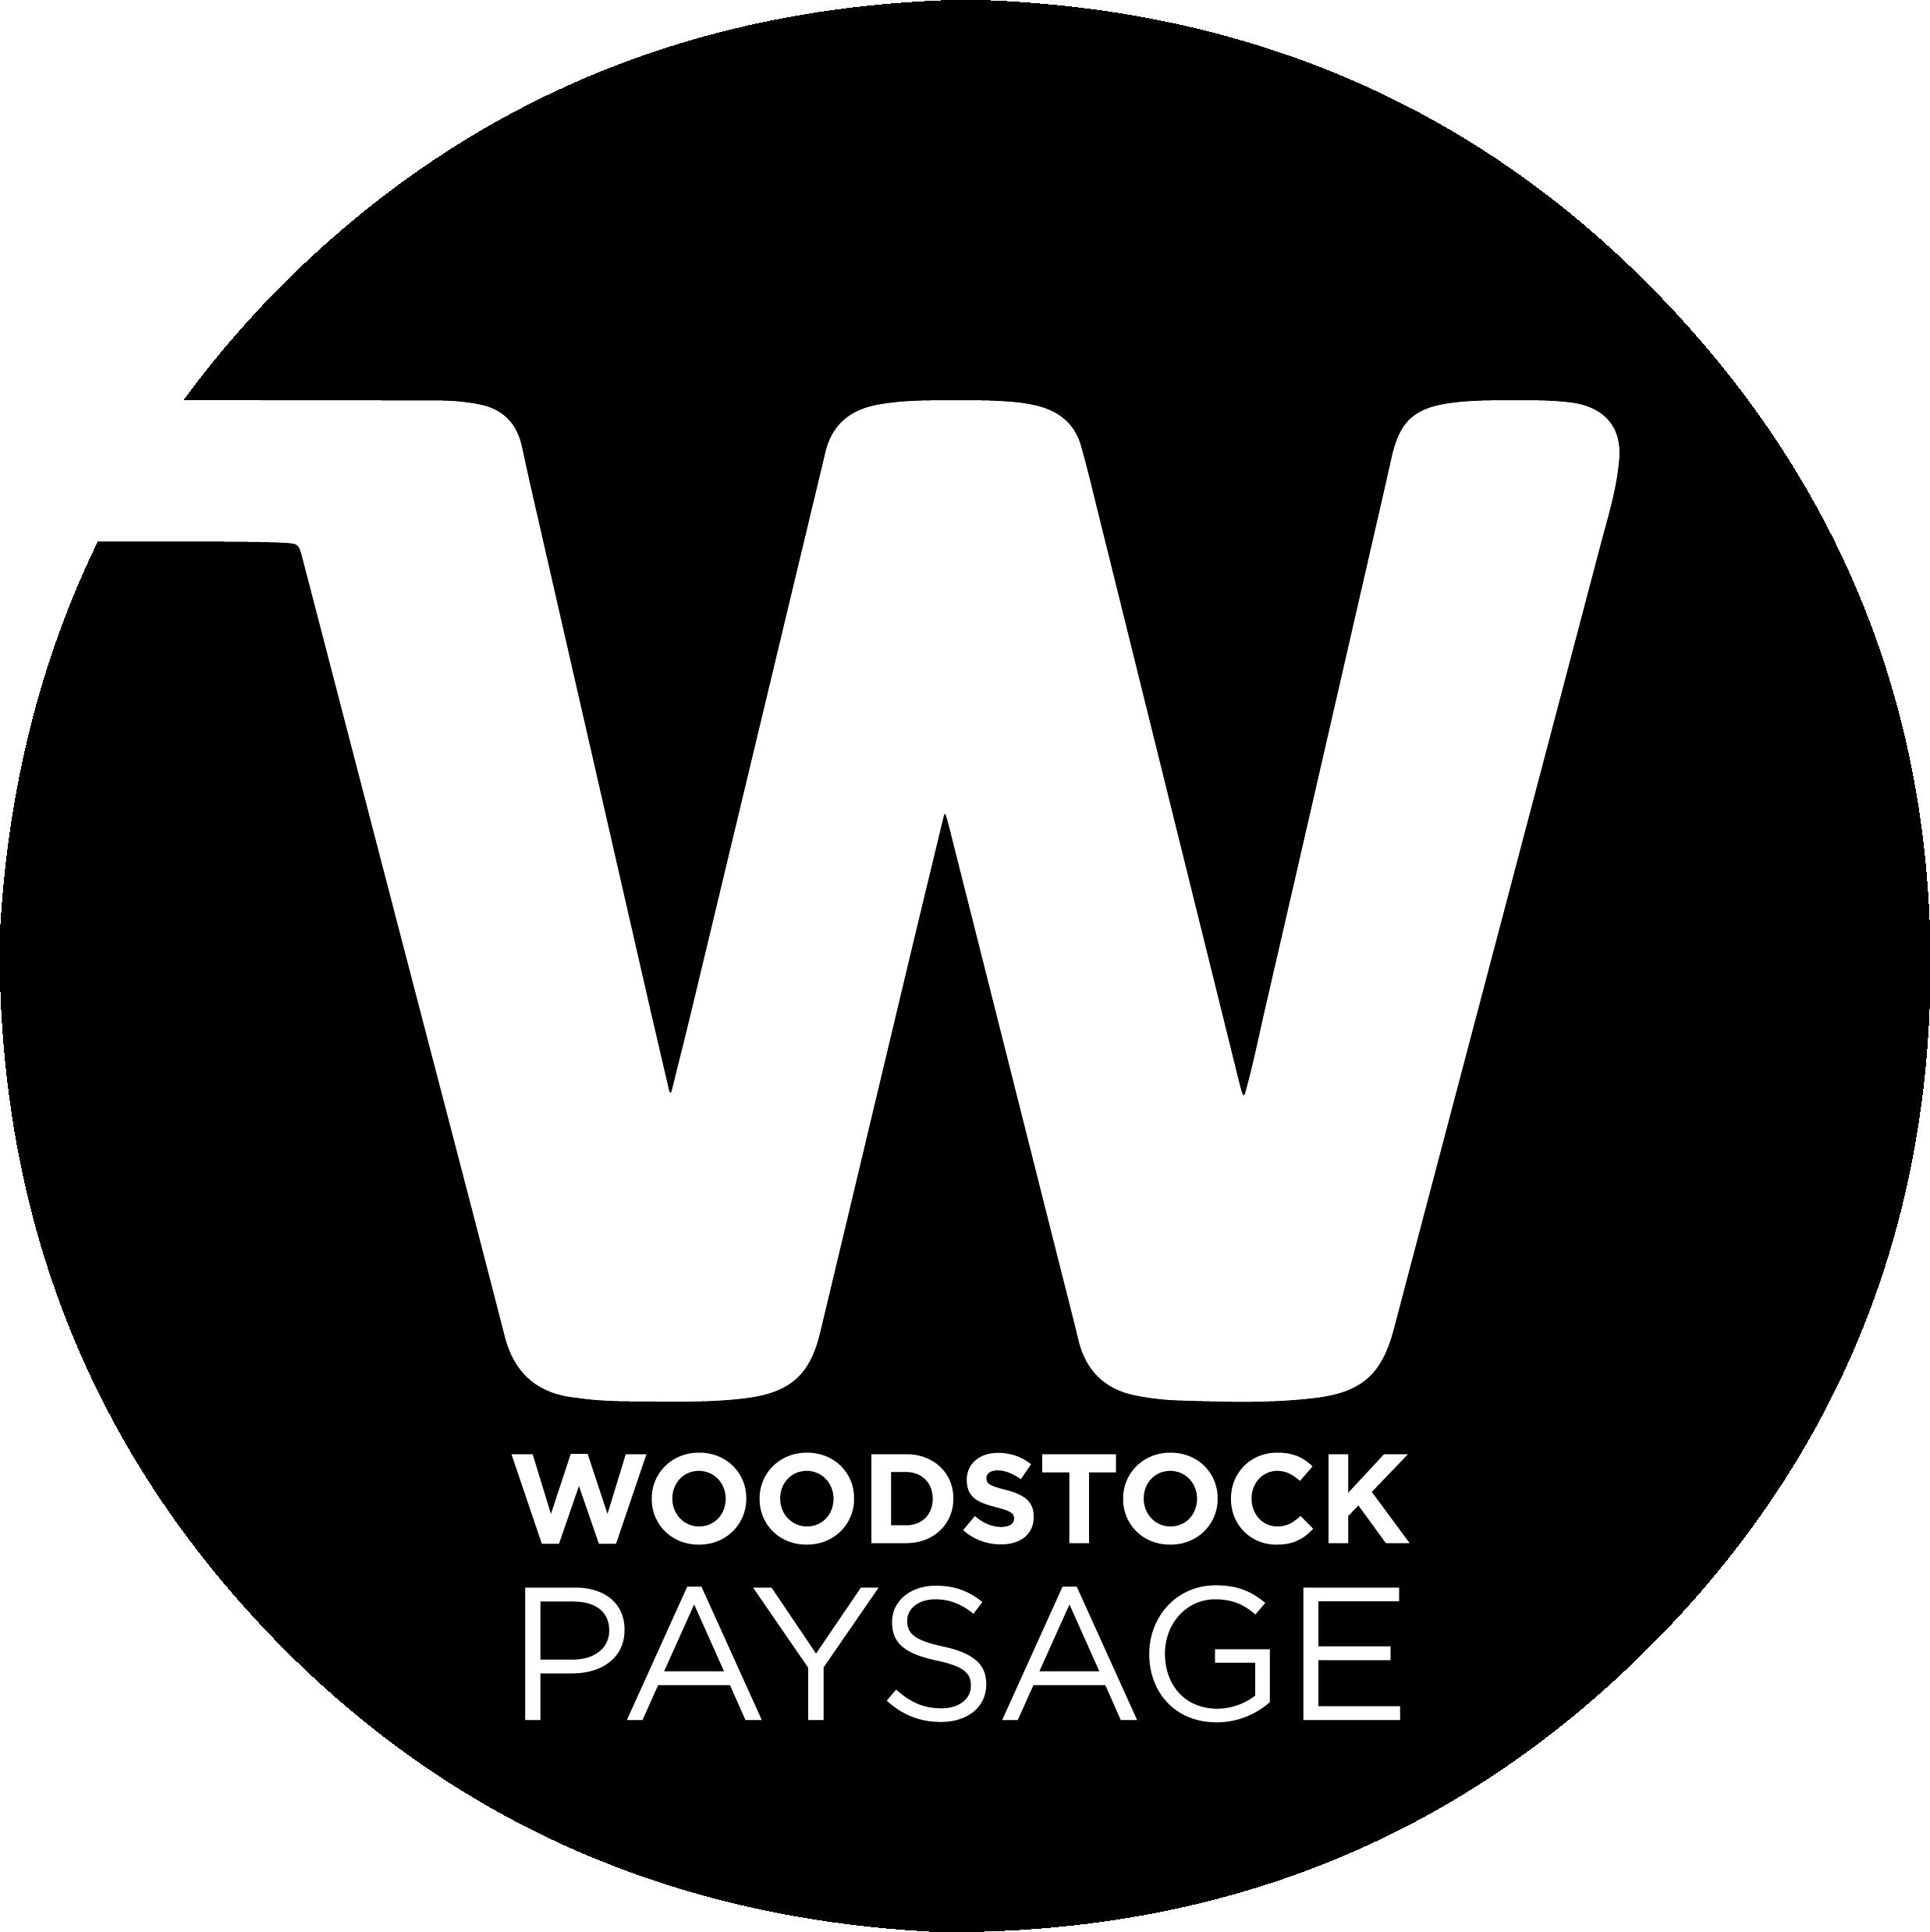 Architecte Paysagiste Midi Pyrénées woodstock paysage | agence de paysage